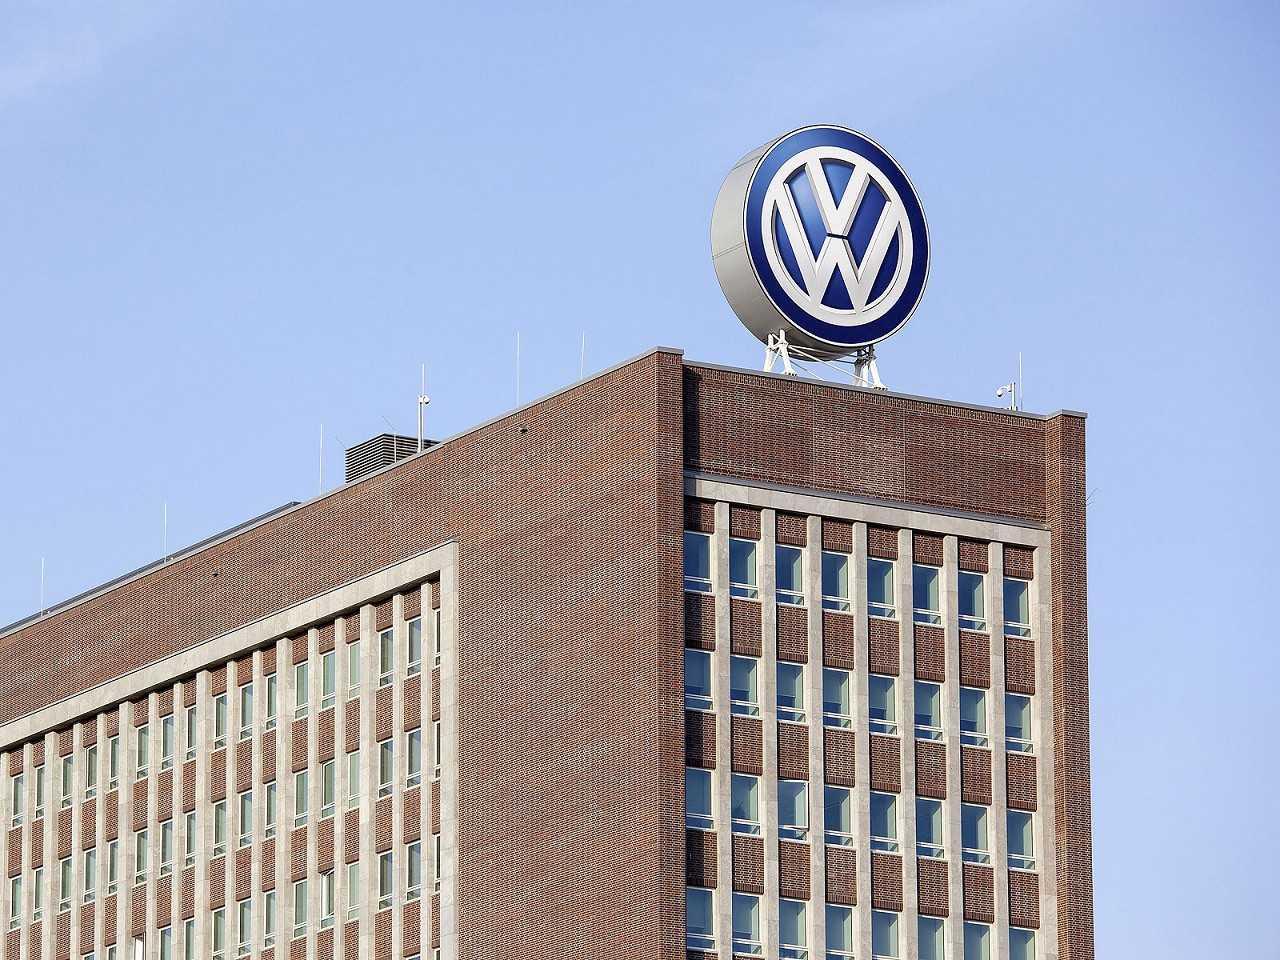 Sede do grupo Volkswagen em Wolfsburg, Alemanha